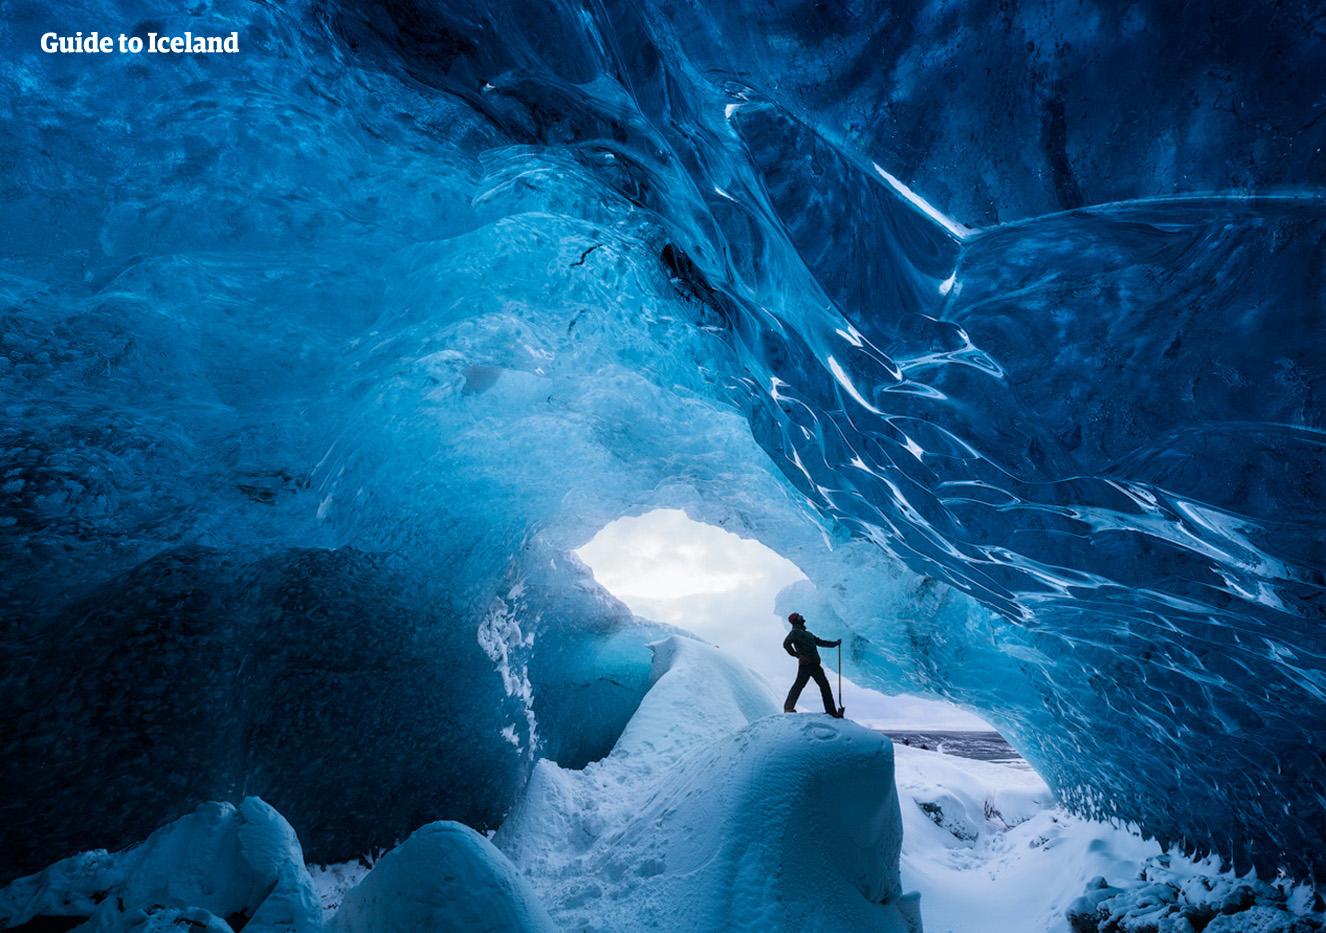 เที่ยวถ้ำคริสตัลเป็นกิจกรรมที่ไม่ควรพลาดเมื่อมาเที่ยวไอซ์แลนด์